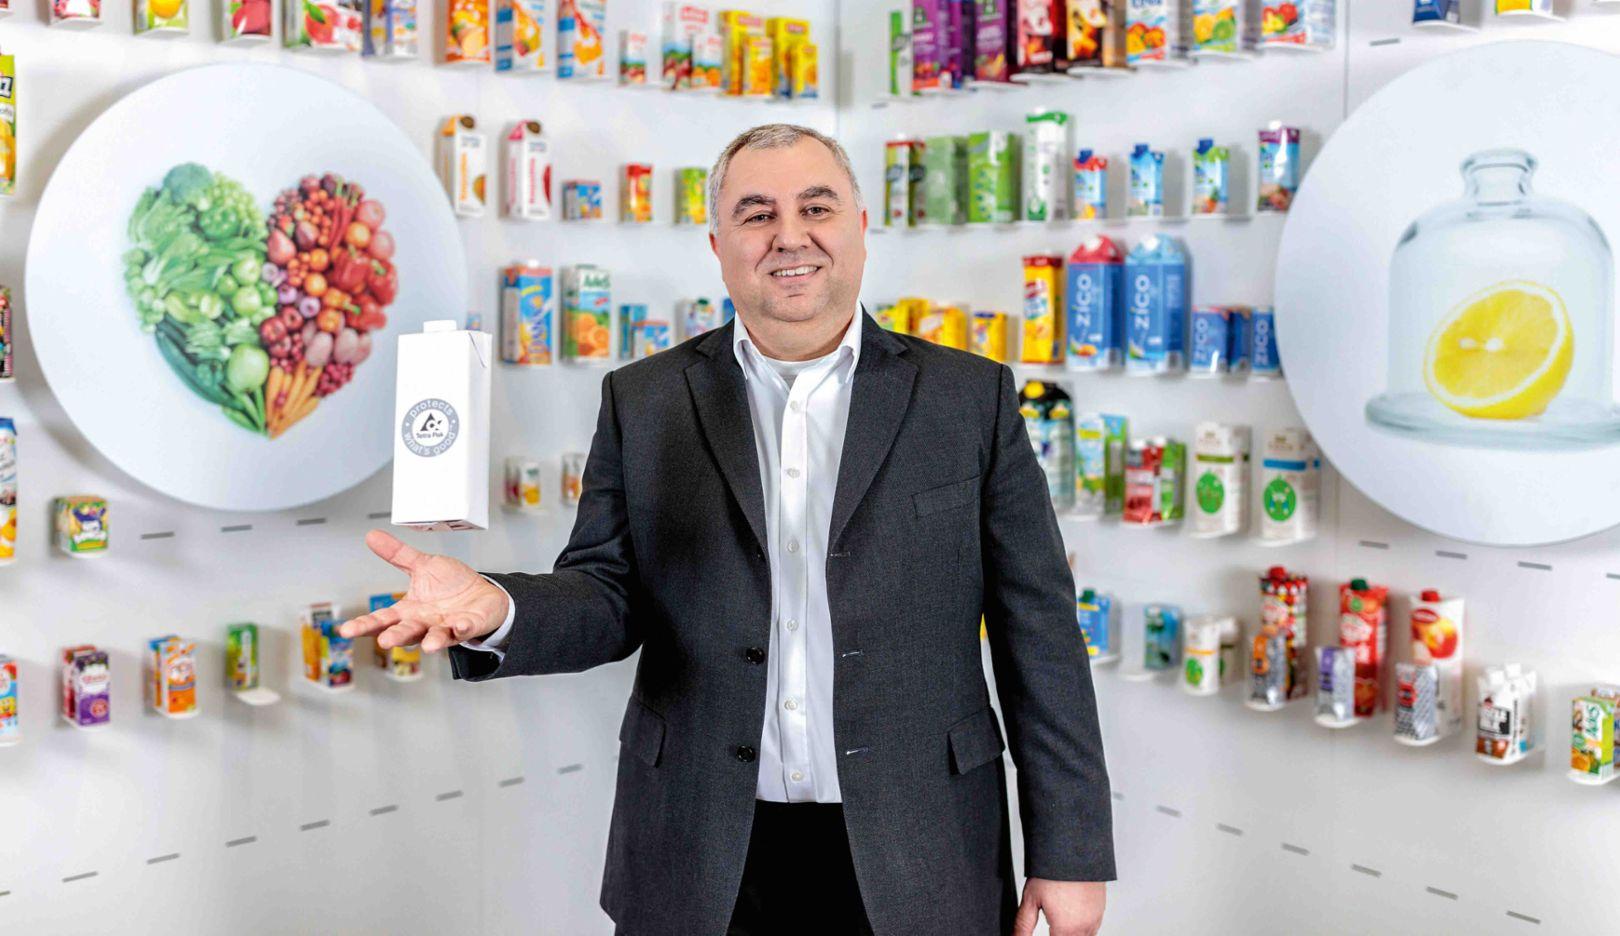 Roberto Franchitti, Vice President für Forschung und Entwicklung im Bereich Carton Value & Economy bei Tetra Pak, 2018, Porsche Consulting GmbH